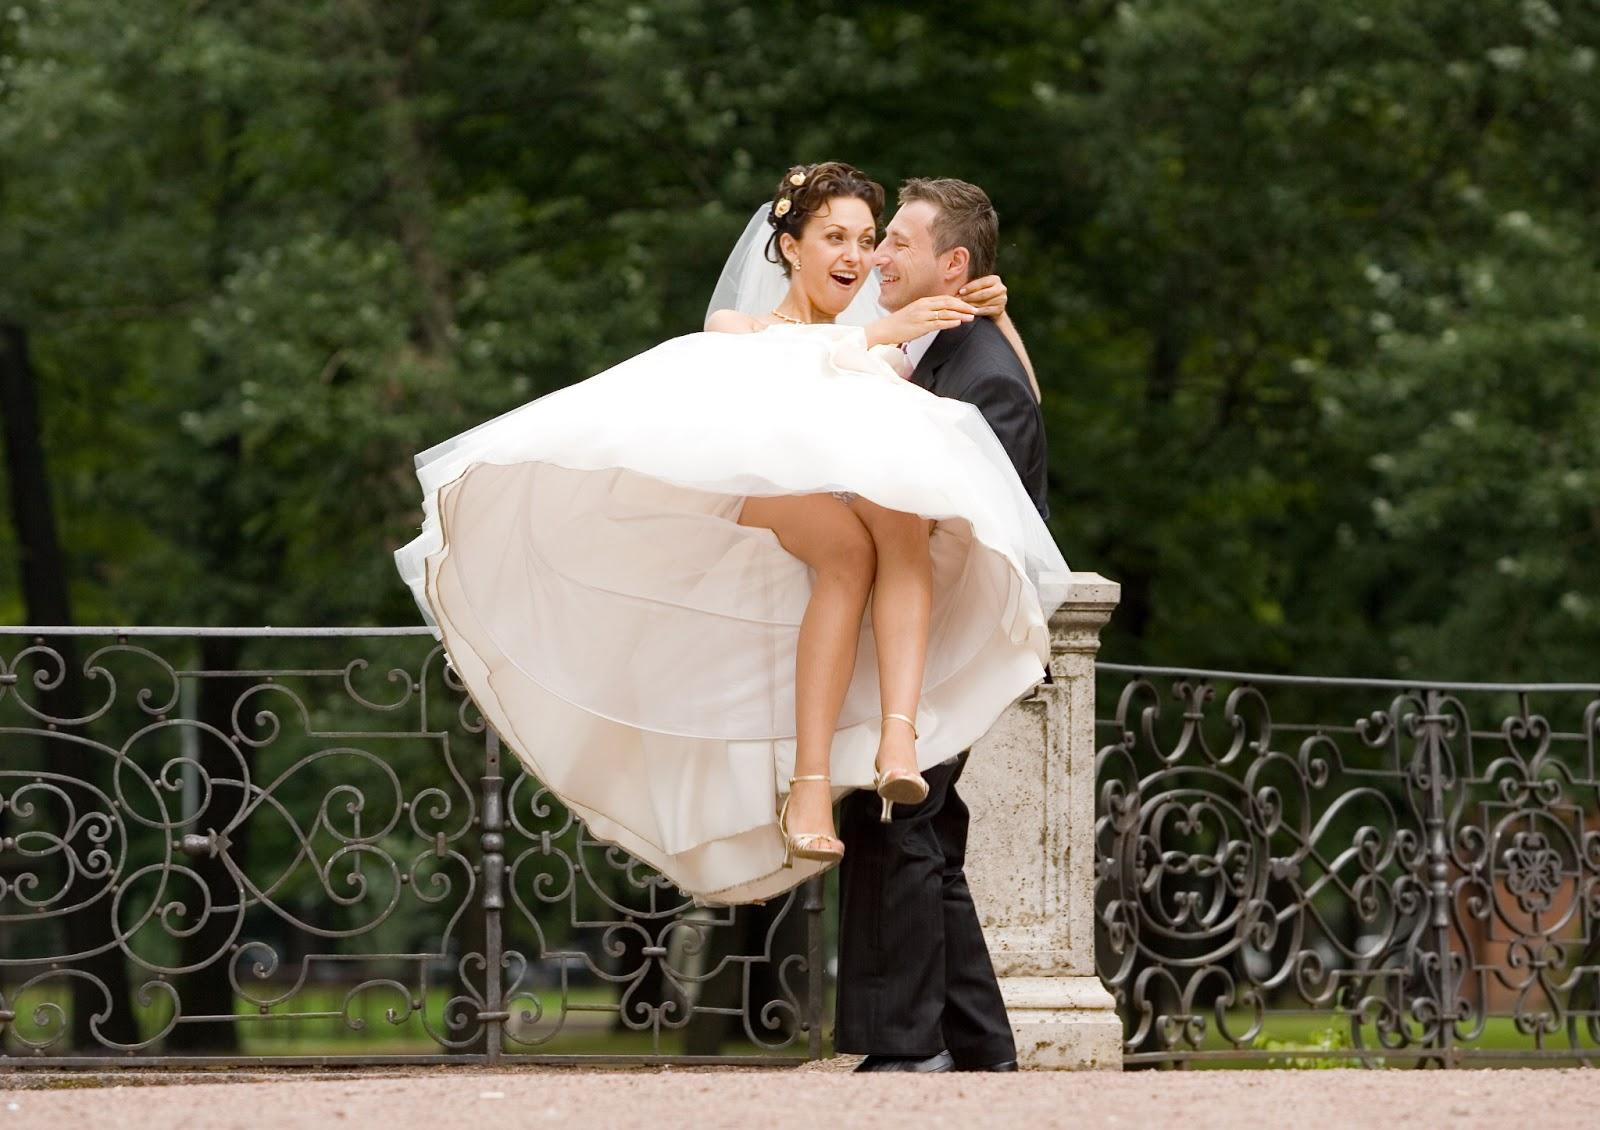 Рассказ о пьяной невесте на свадьбе 12 фотография